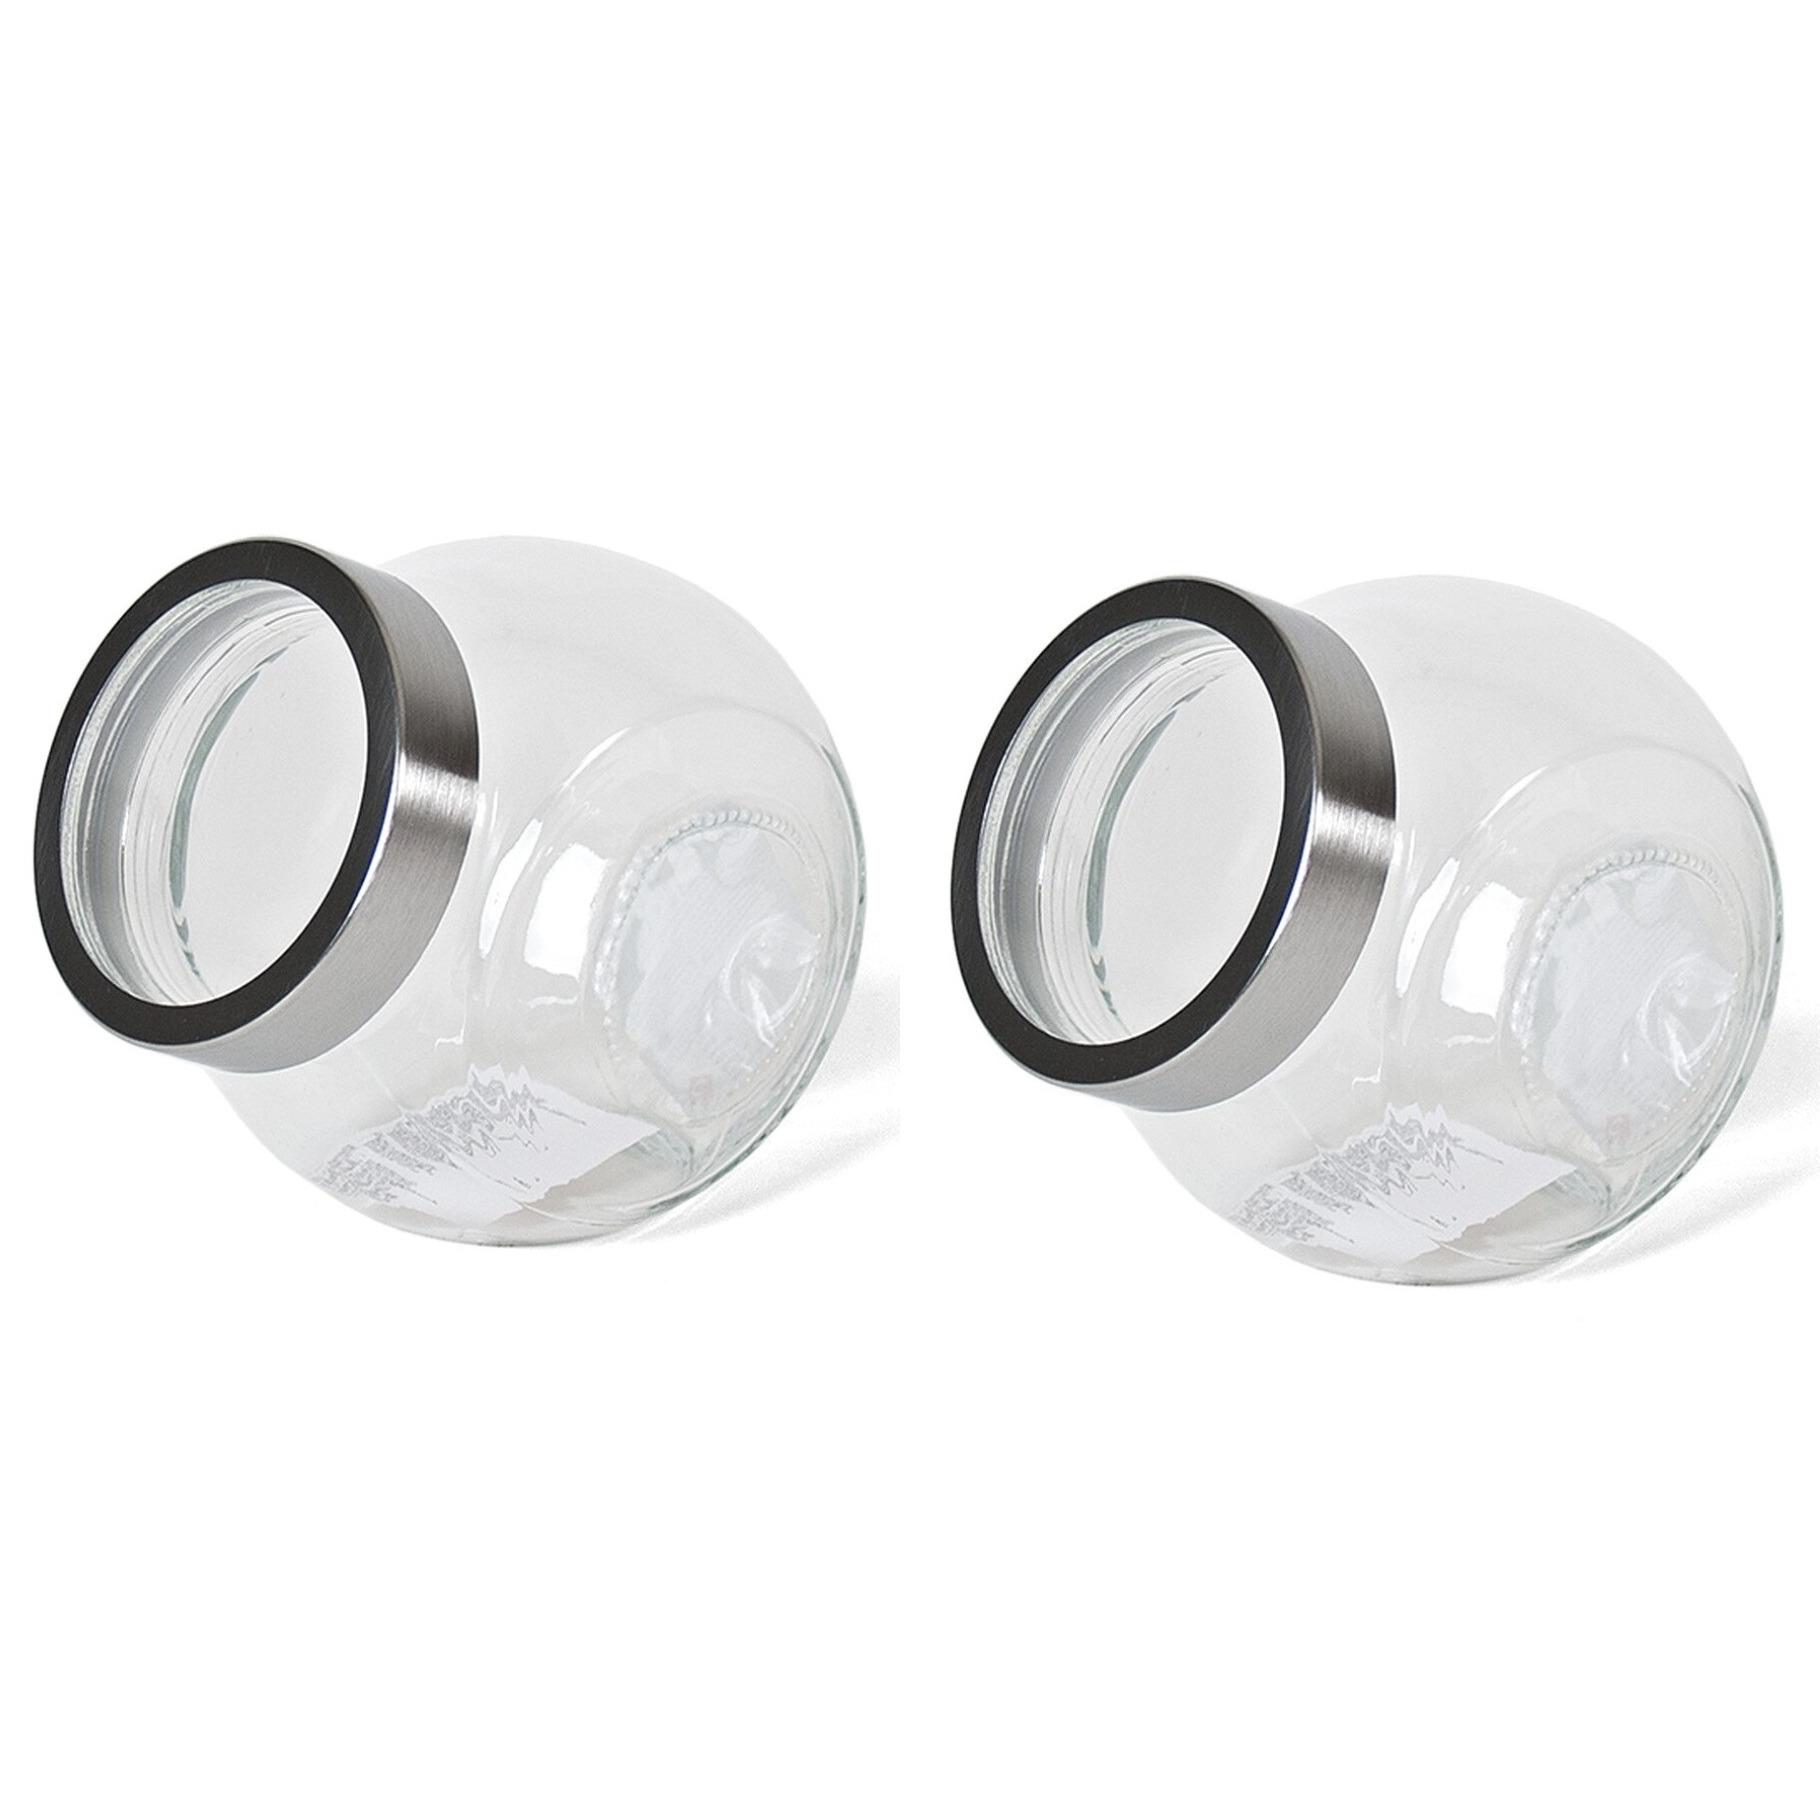 Pakket van 8x stuks transparante snoeppotten/voorraadpotten van glas 2200 ml